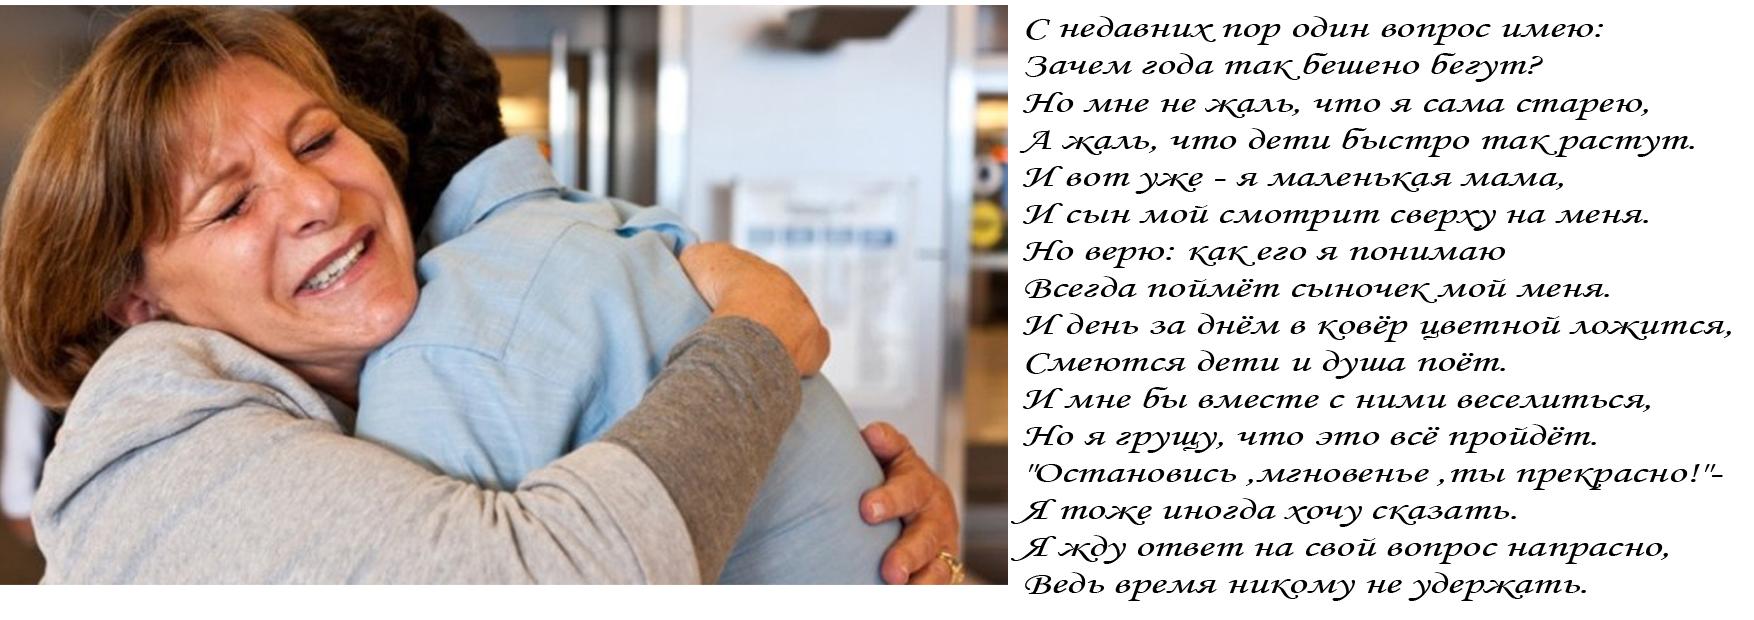 http://s3.uploads.ru/zgfUT.jpg